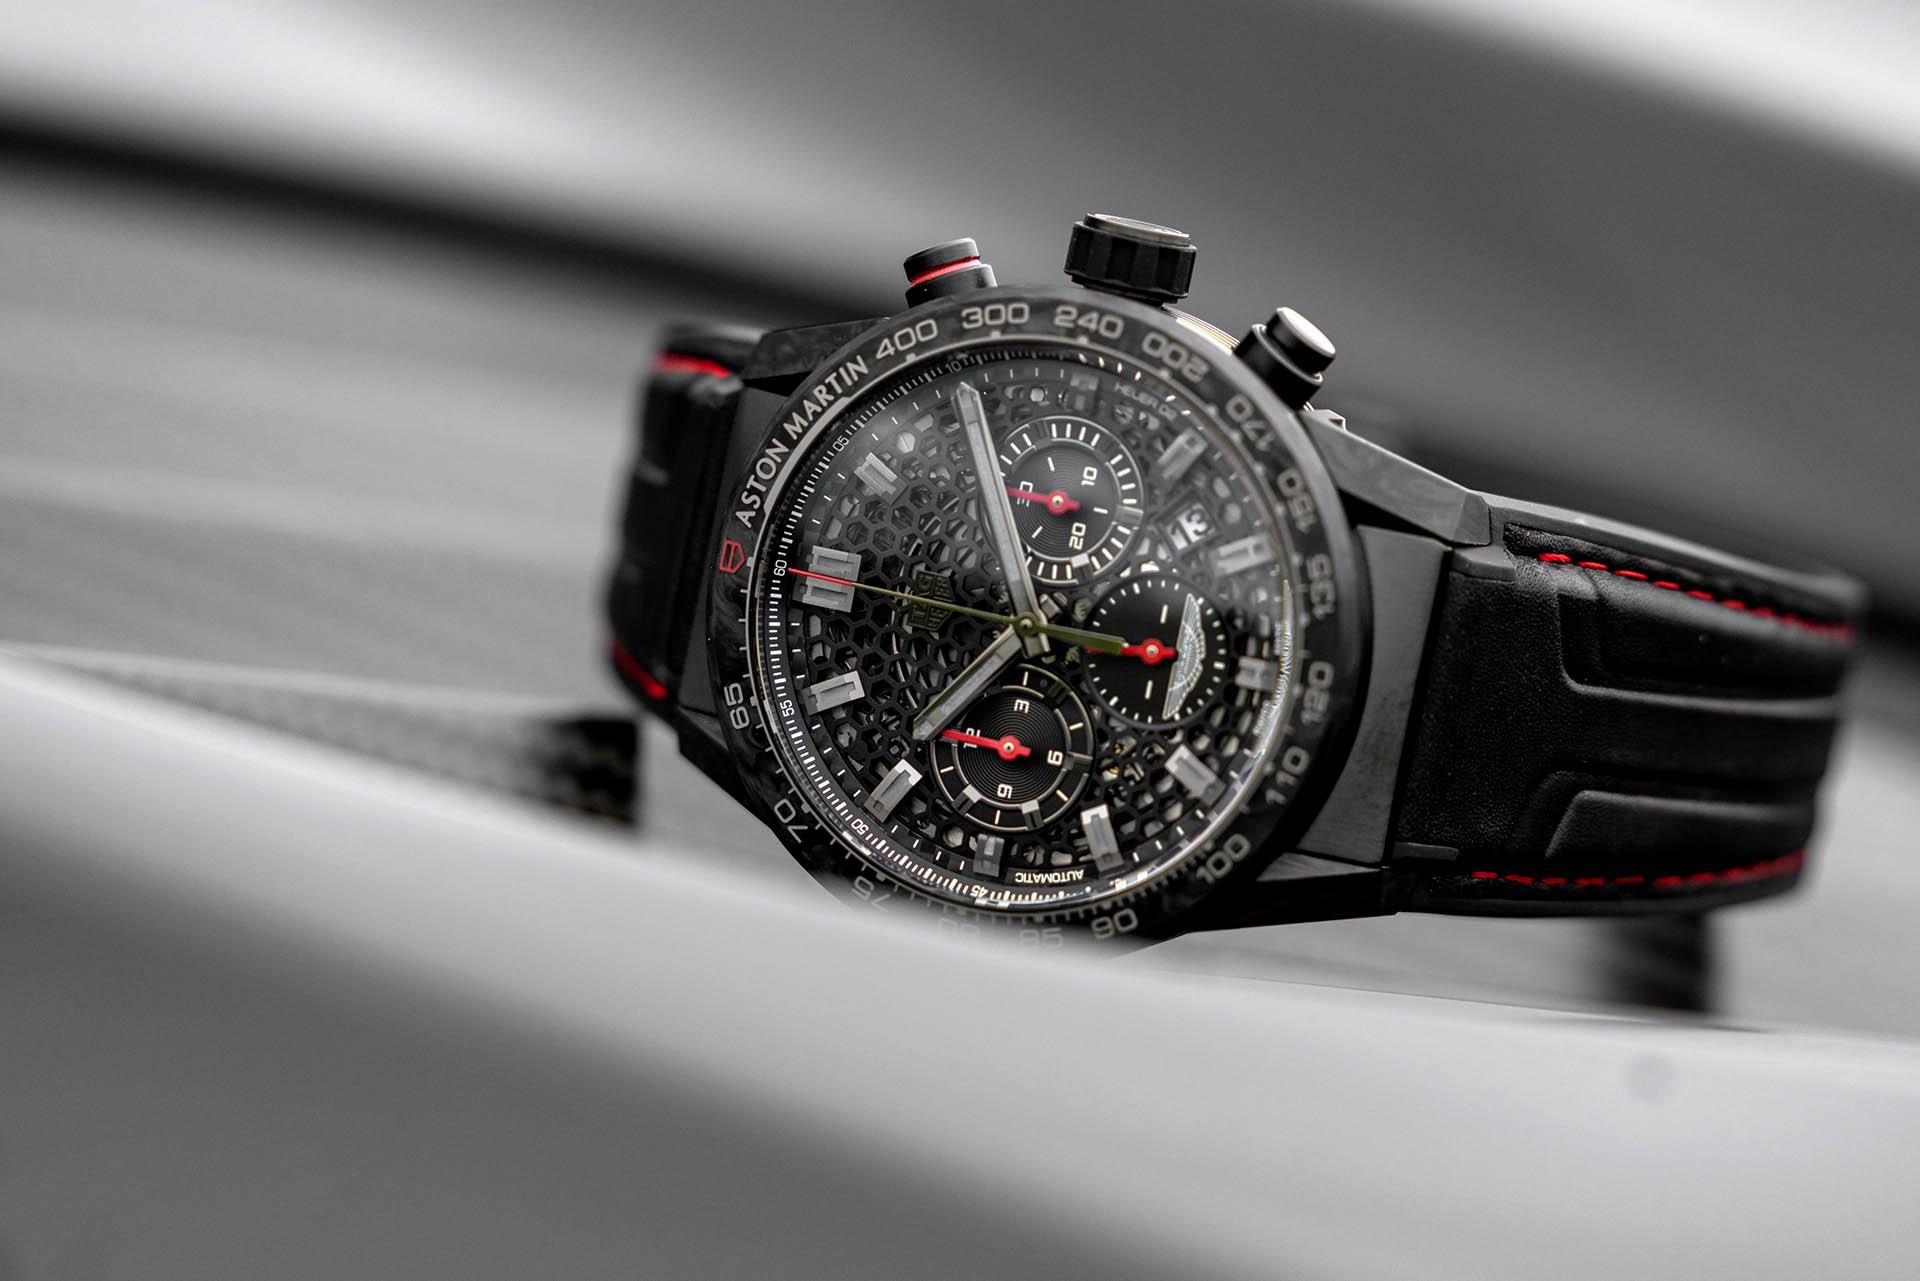 Der Karbon-Chronograph DBS Edition Carrera Heuer 02 kostet die Kleinigkeit von 295.000 britischen Pfund